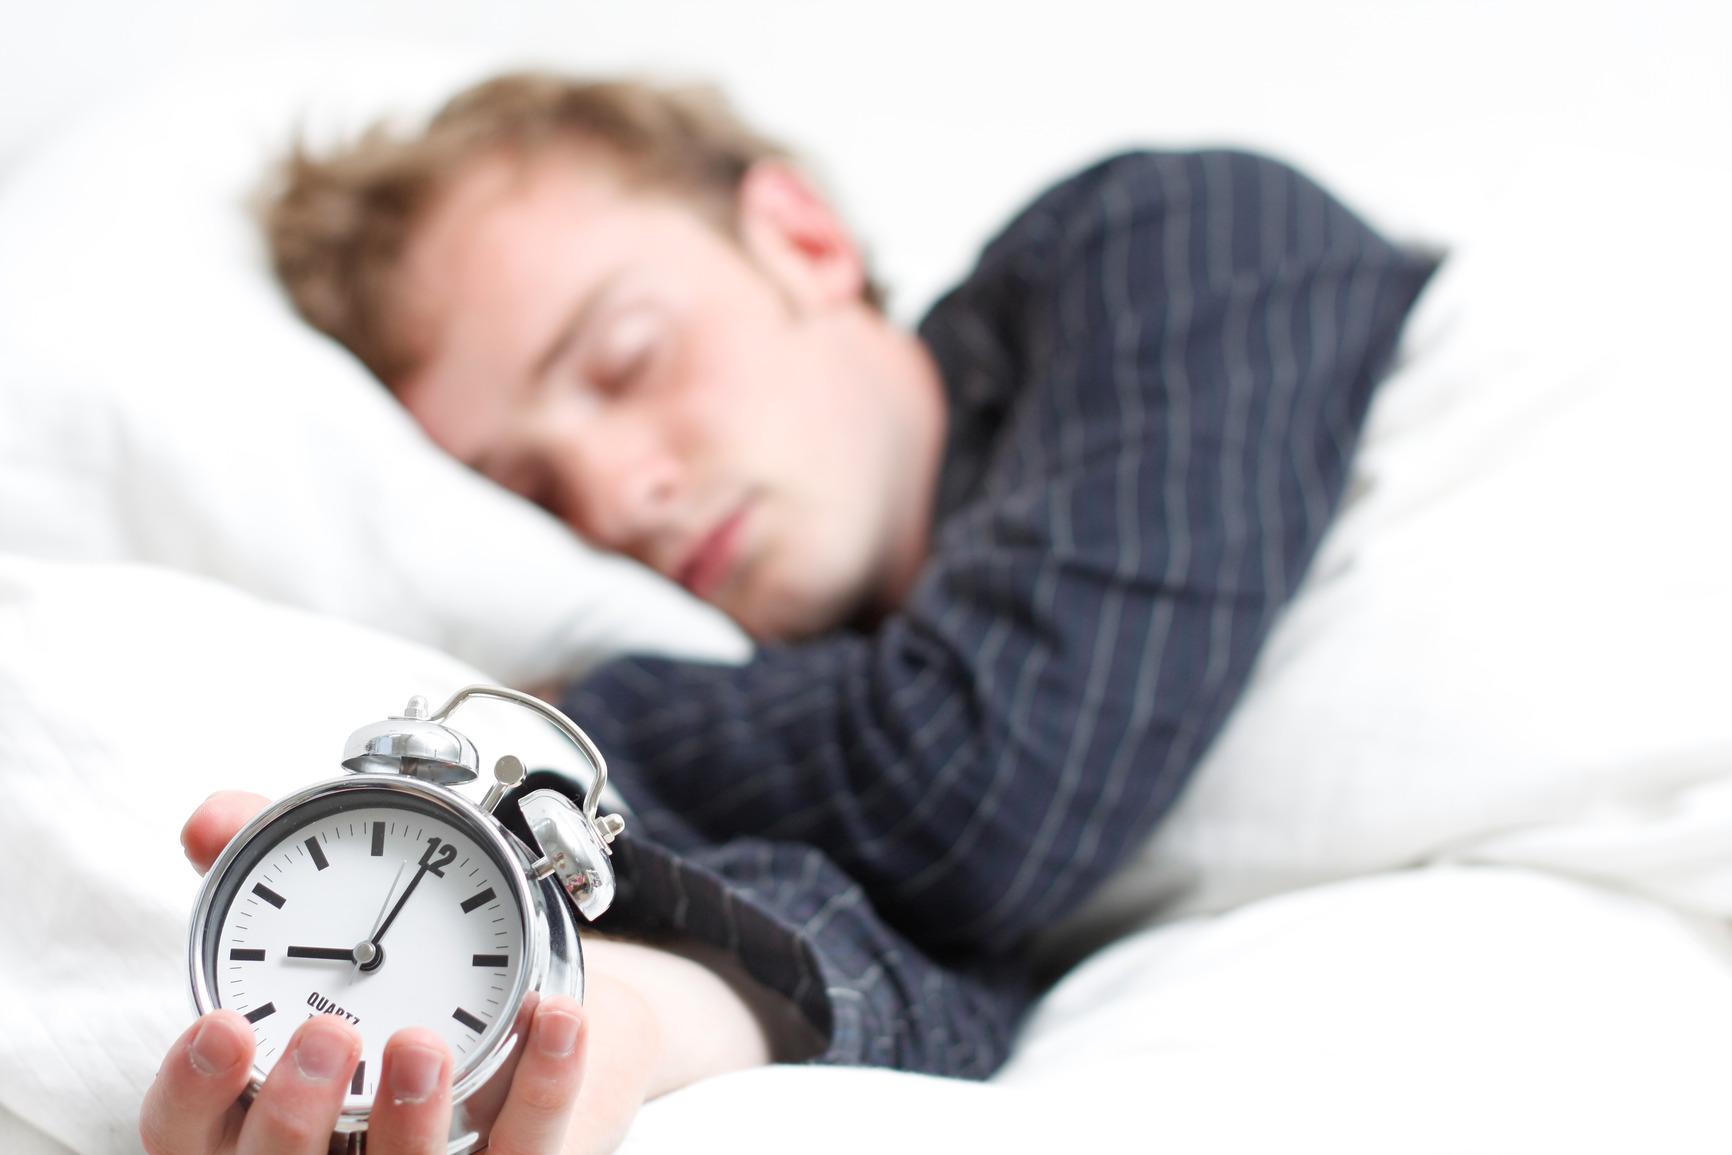 چرا بیخواب میشویم و چگونه میتوان با آن مقابله کرد؟